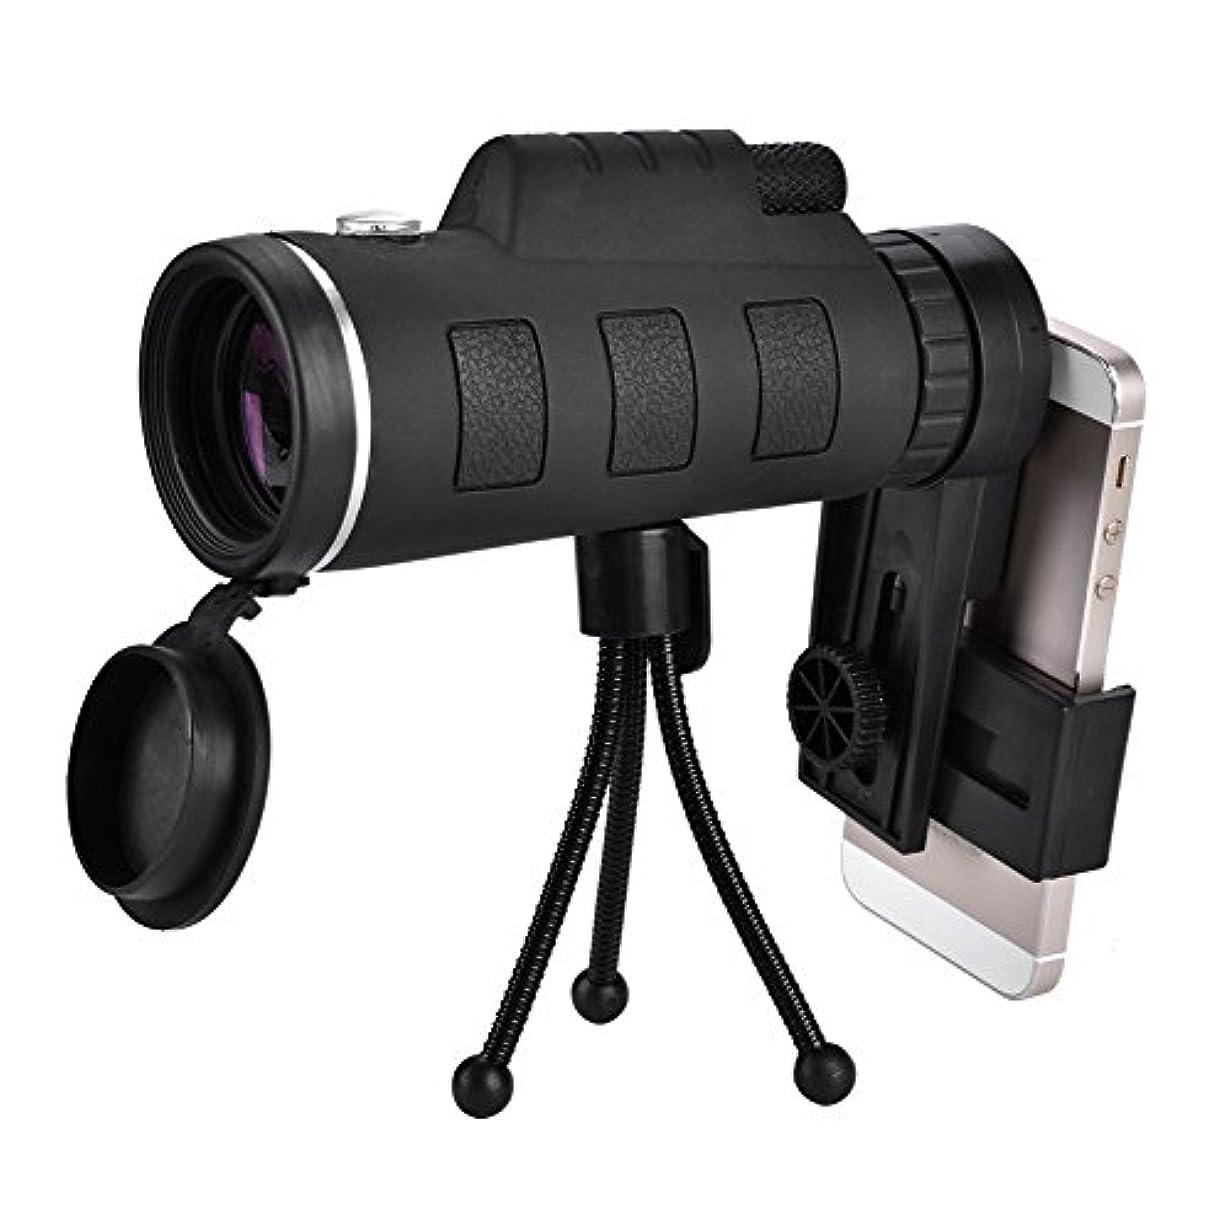 モールス信号類似性含む単眼鏡 40X60高倍率単眼望遠鏡 コンパクト スマホ 望遠レンズ スマホホルダーと三脚付き、防水?曇り止め、 高画質ポータブルハイパワーナイトビジョン HD単眼鏡動物/風景観察登山旅行